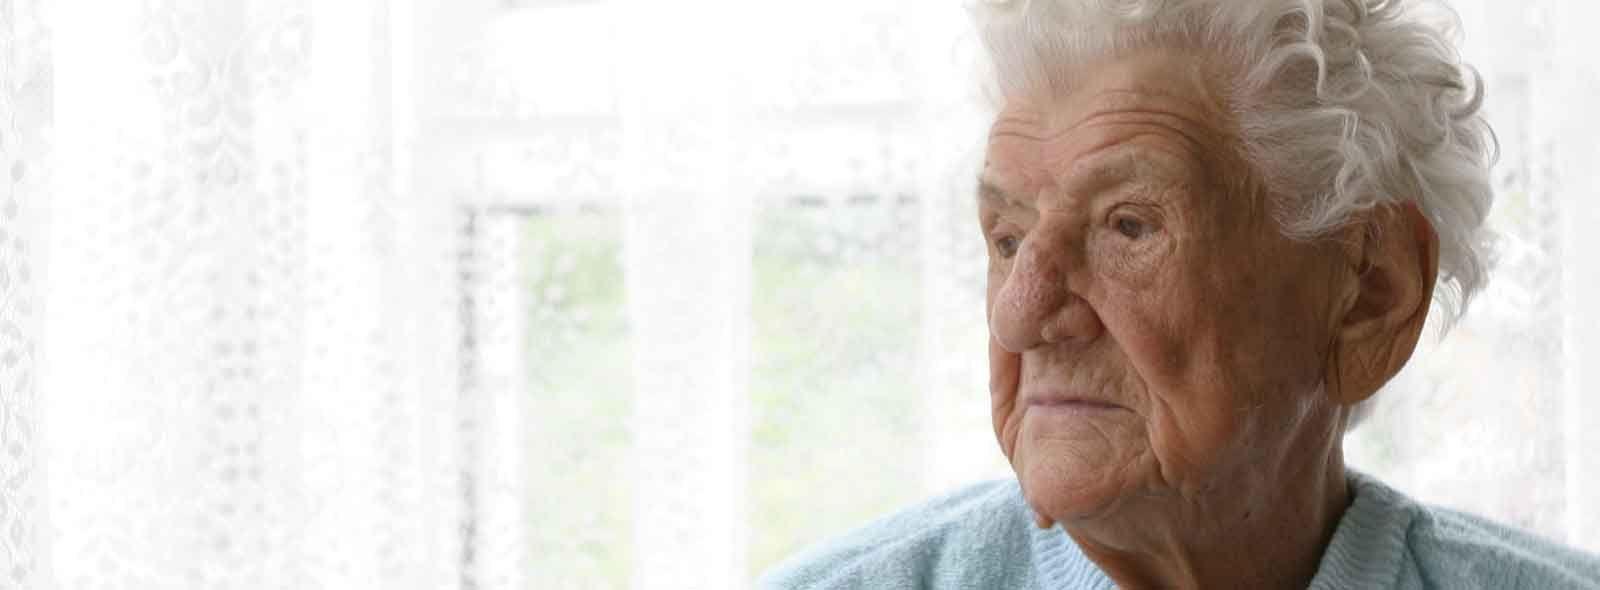 Inappetenza negli anziani: come si verifica